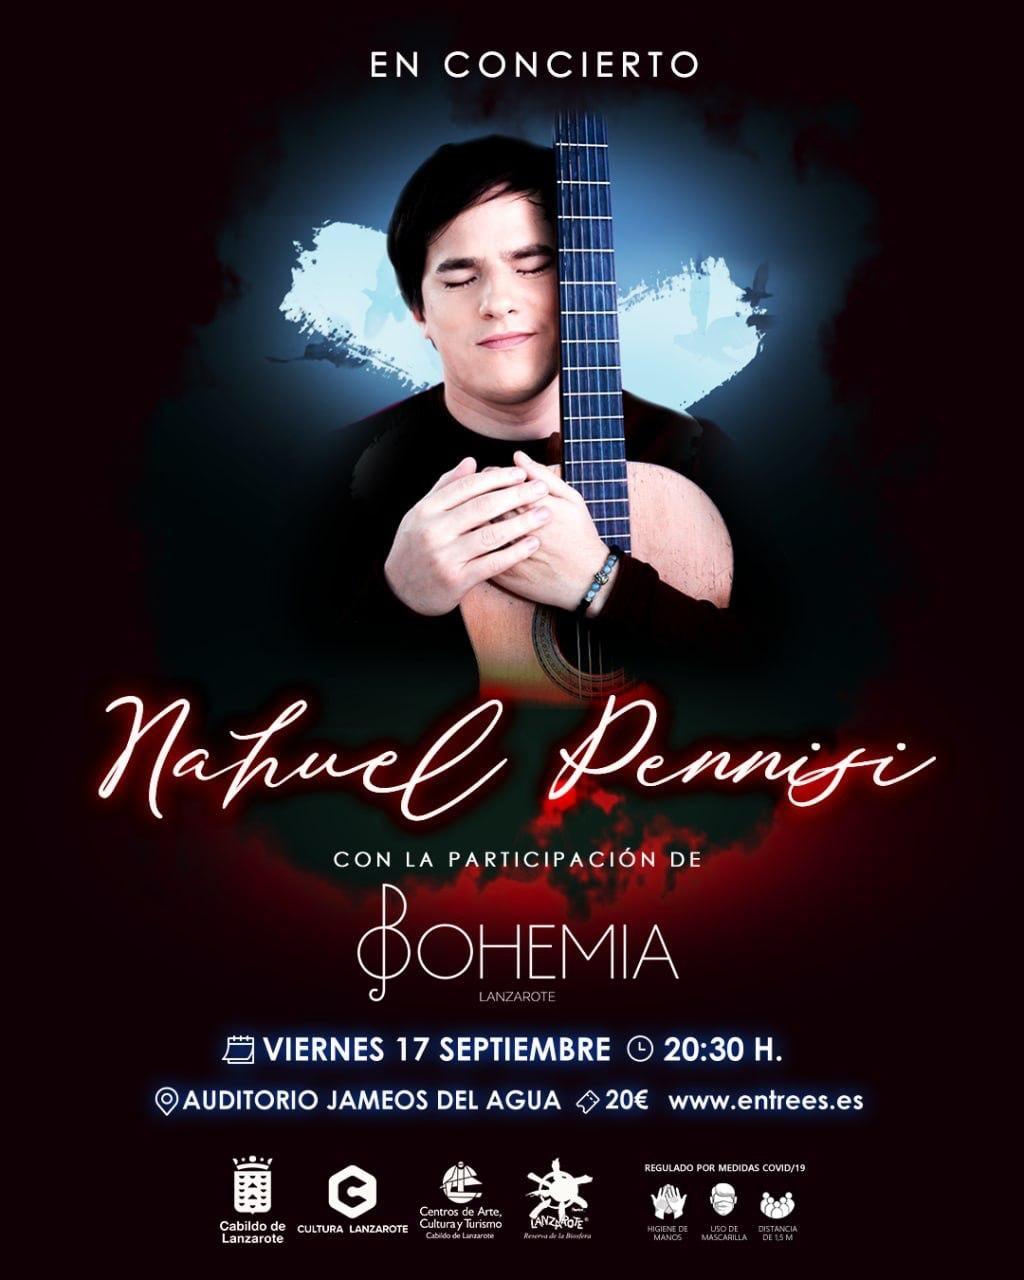 El Auditorio Jameos del Agua acoge este viernes el concierto de Nahuel Pennisi y el grupo Bohemia Lanzarote